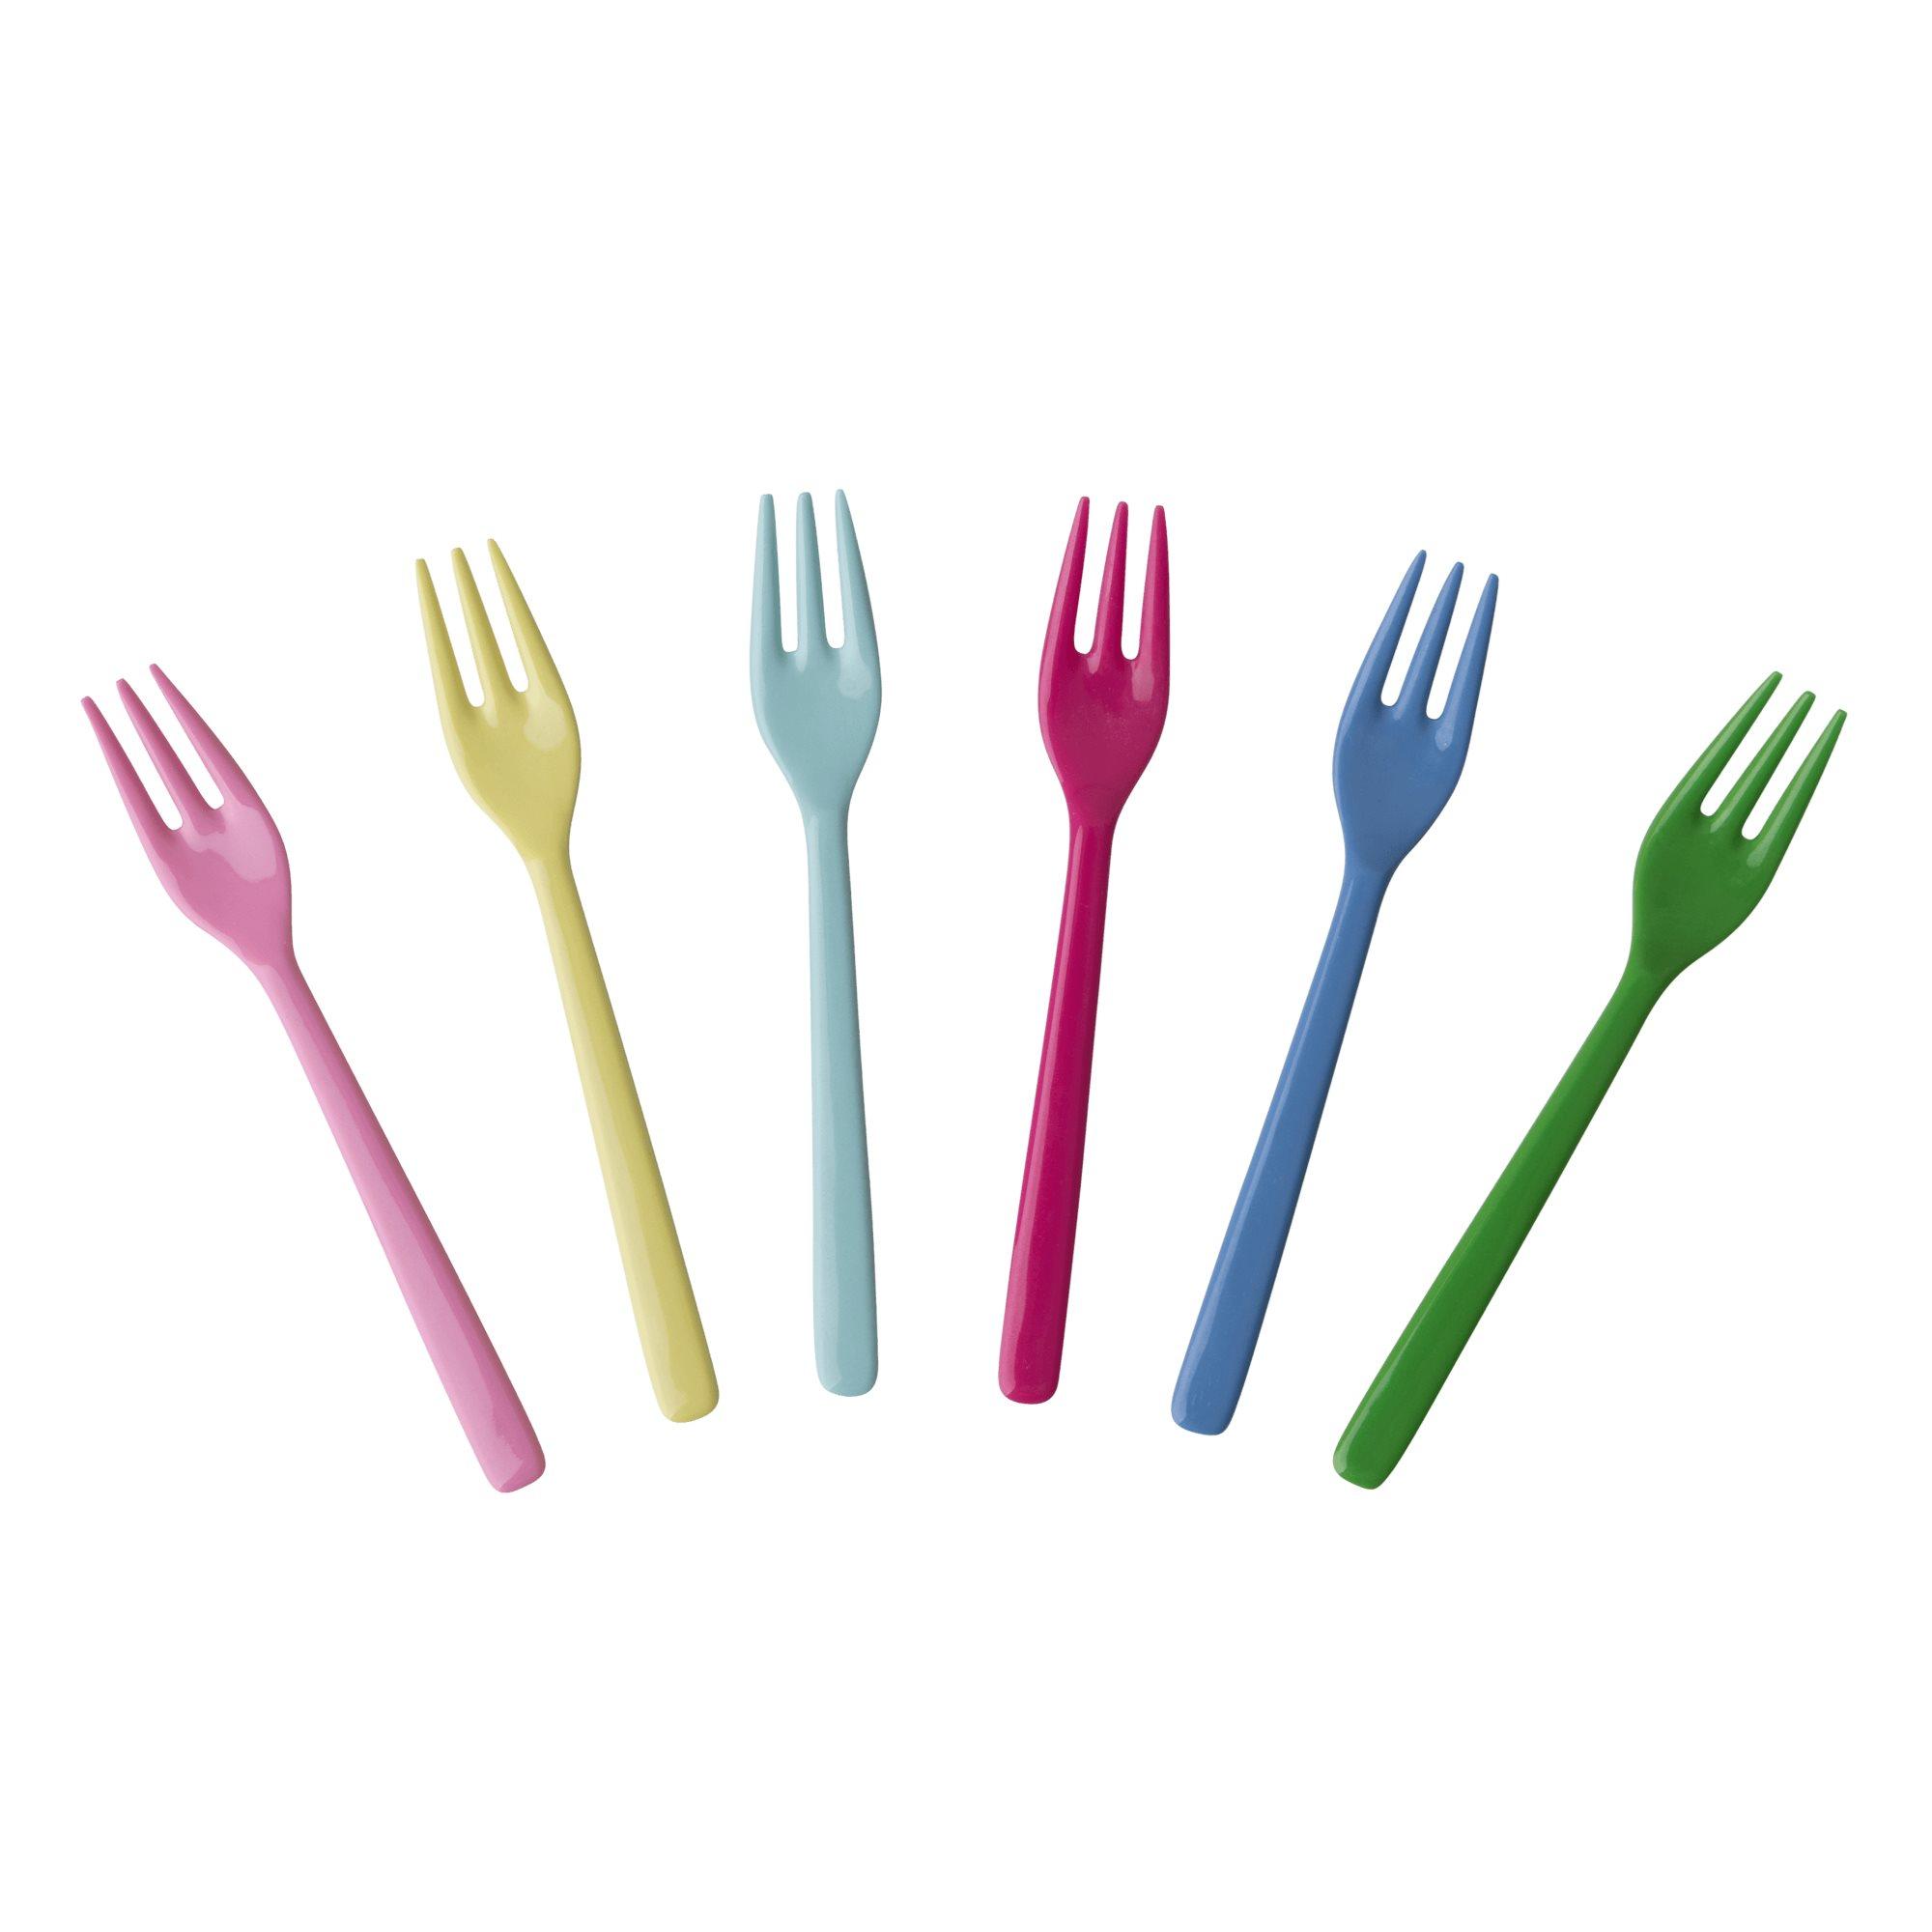 Melamine Forks in Clasic colors, set of 6